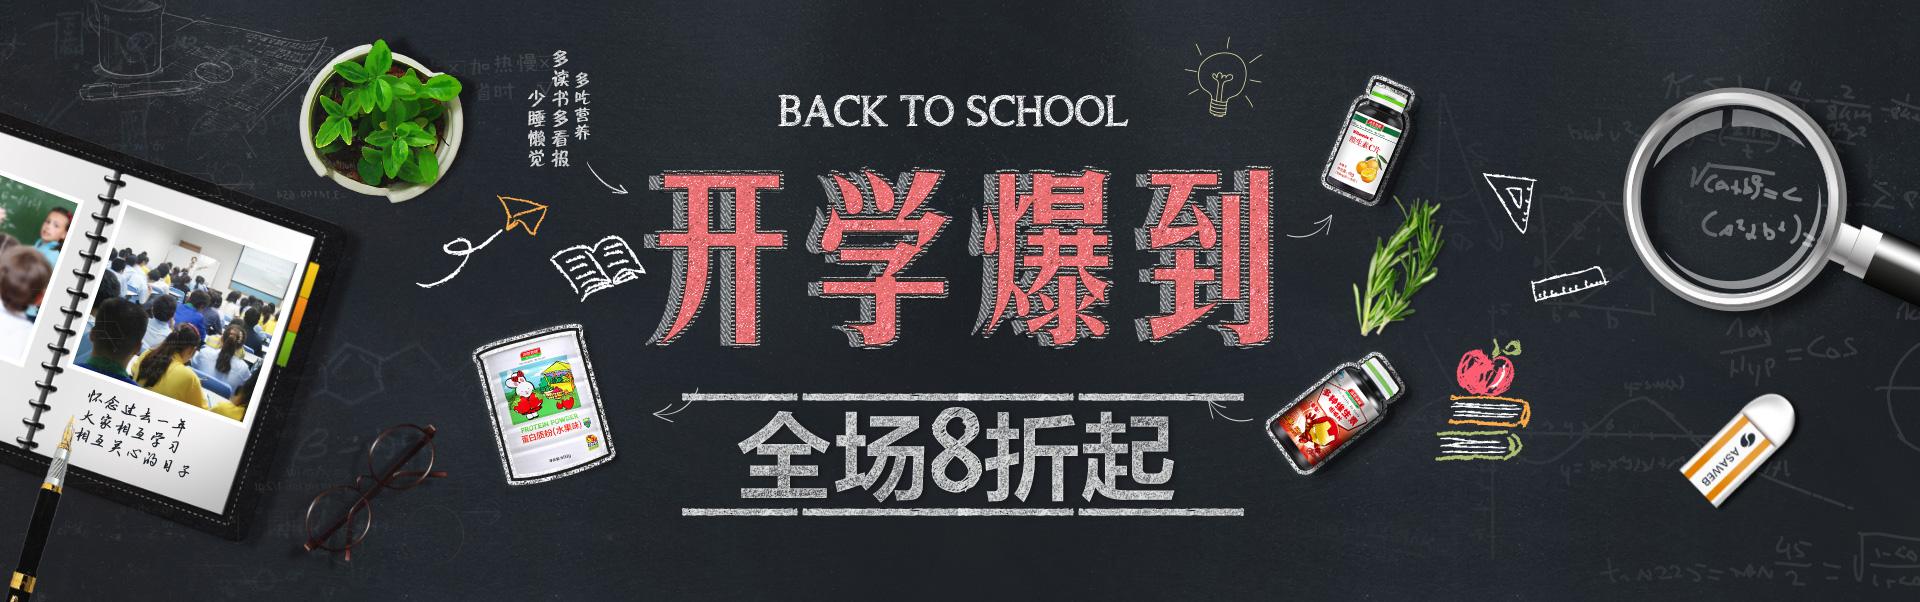 开学季首页_02